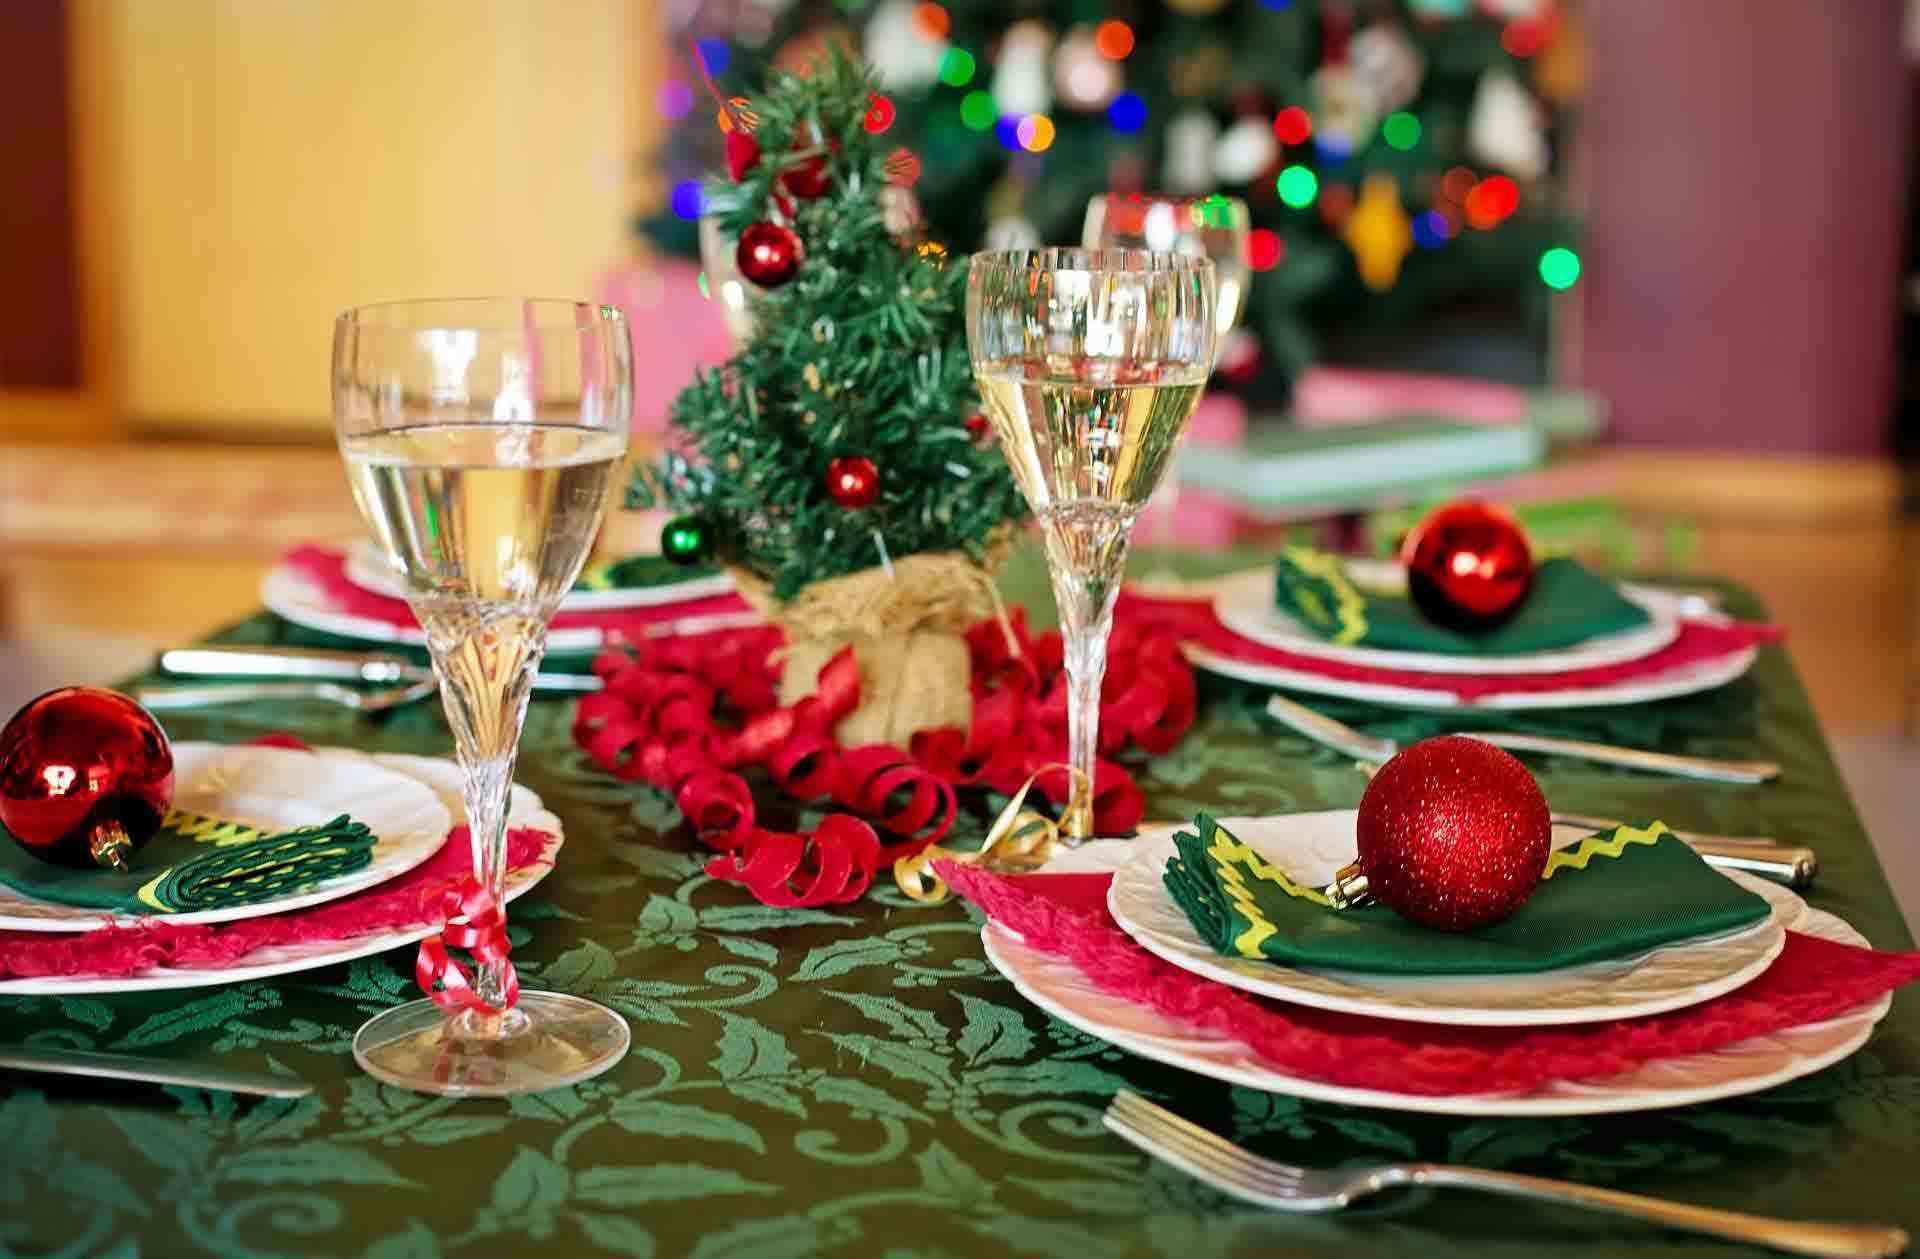 Cyclosas - décoration de noël, table décorée fêtes de fin d'année, cadeau en famille